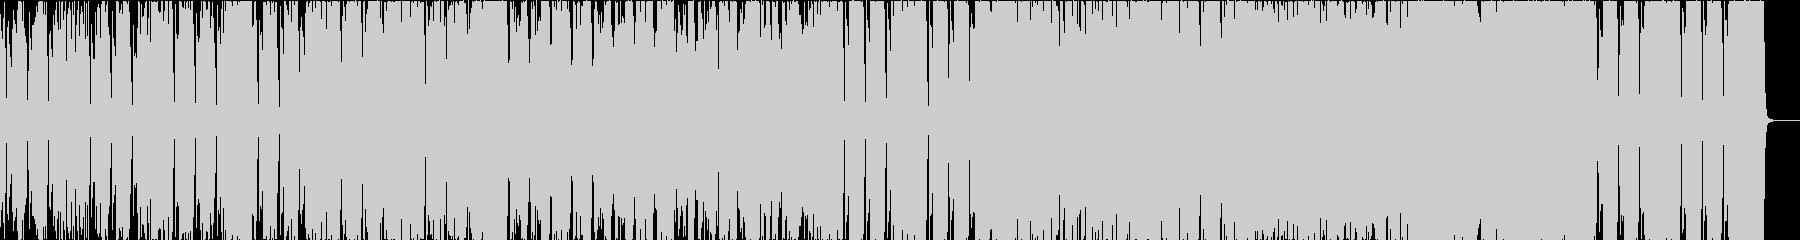 オーケストラによる戦闘曲の未再生の波形